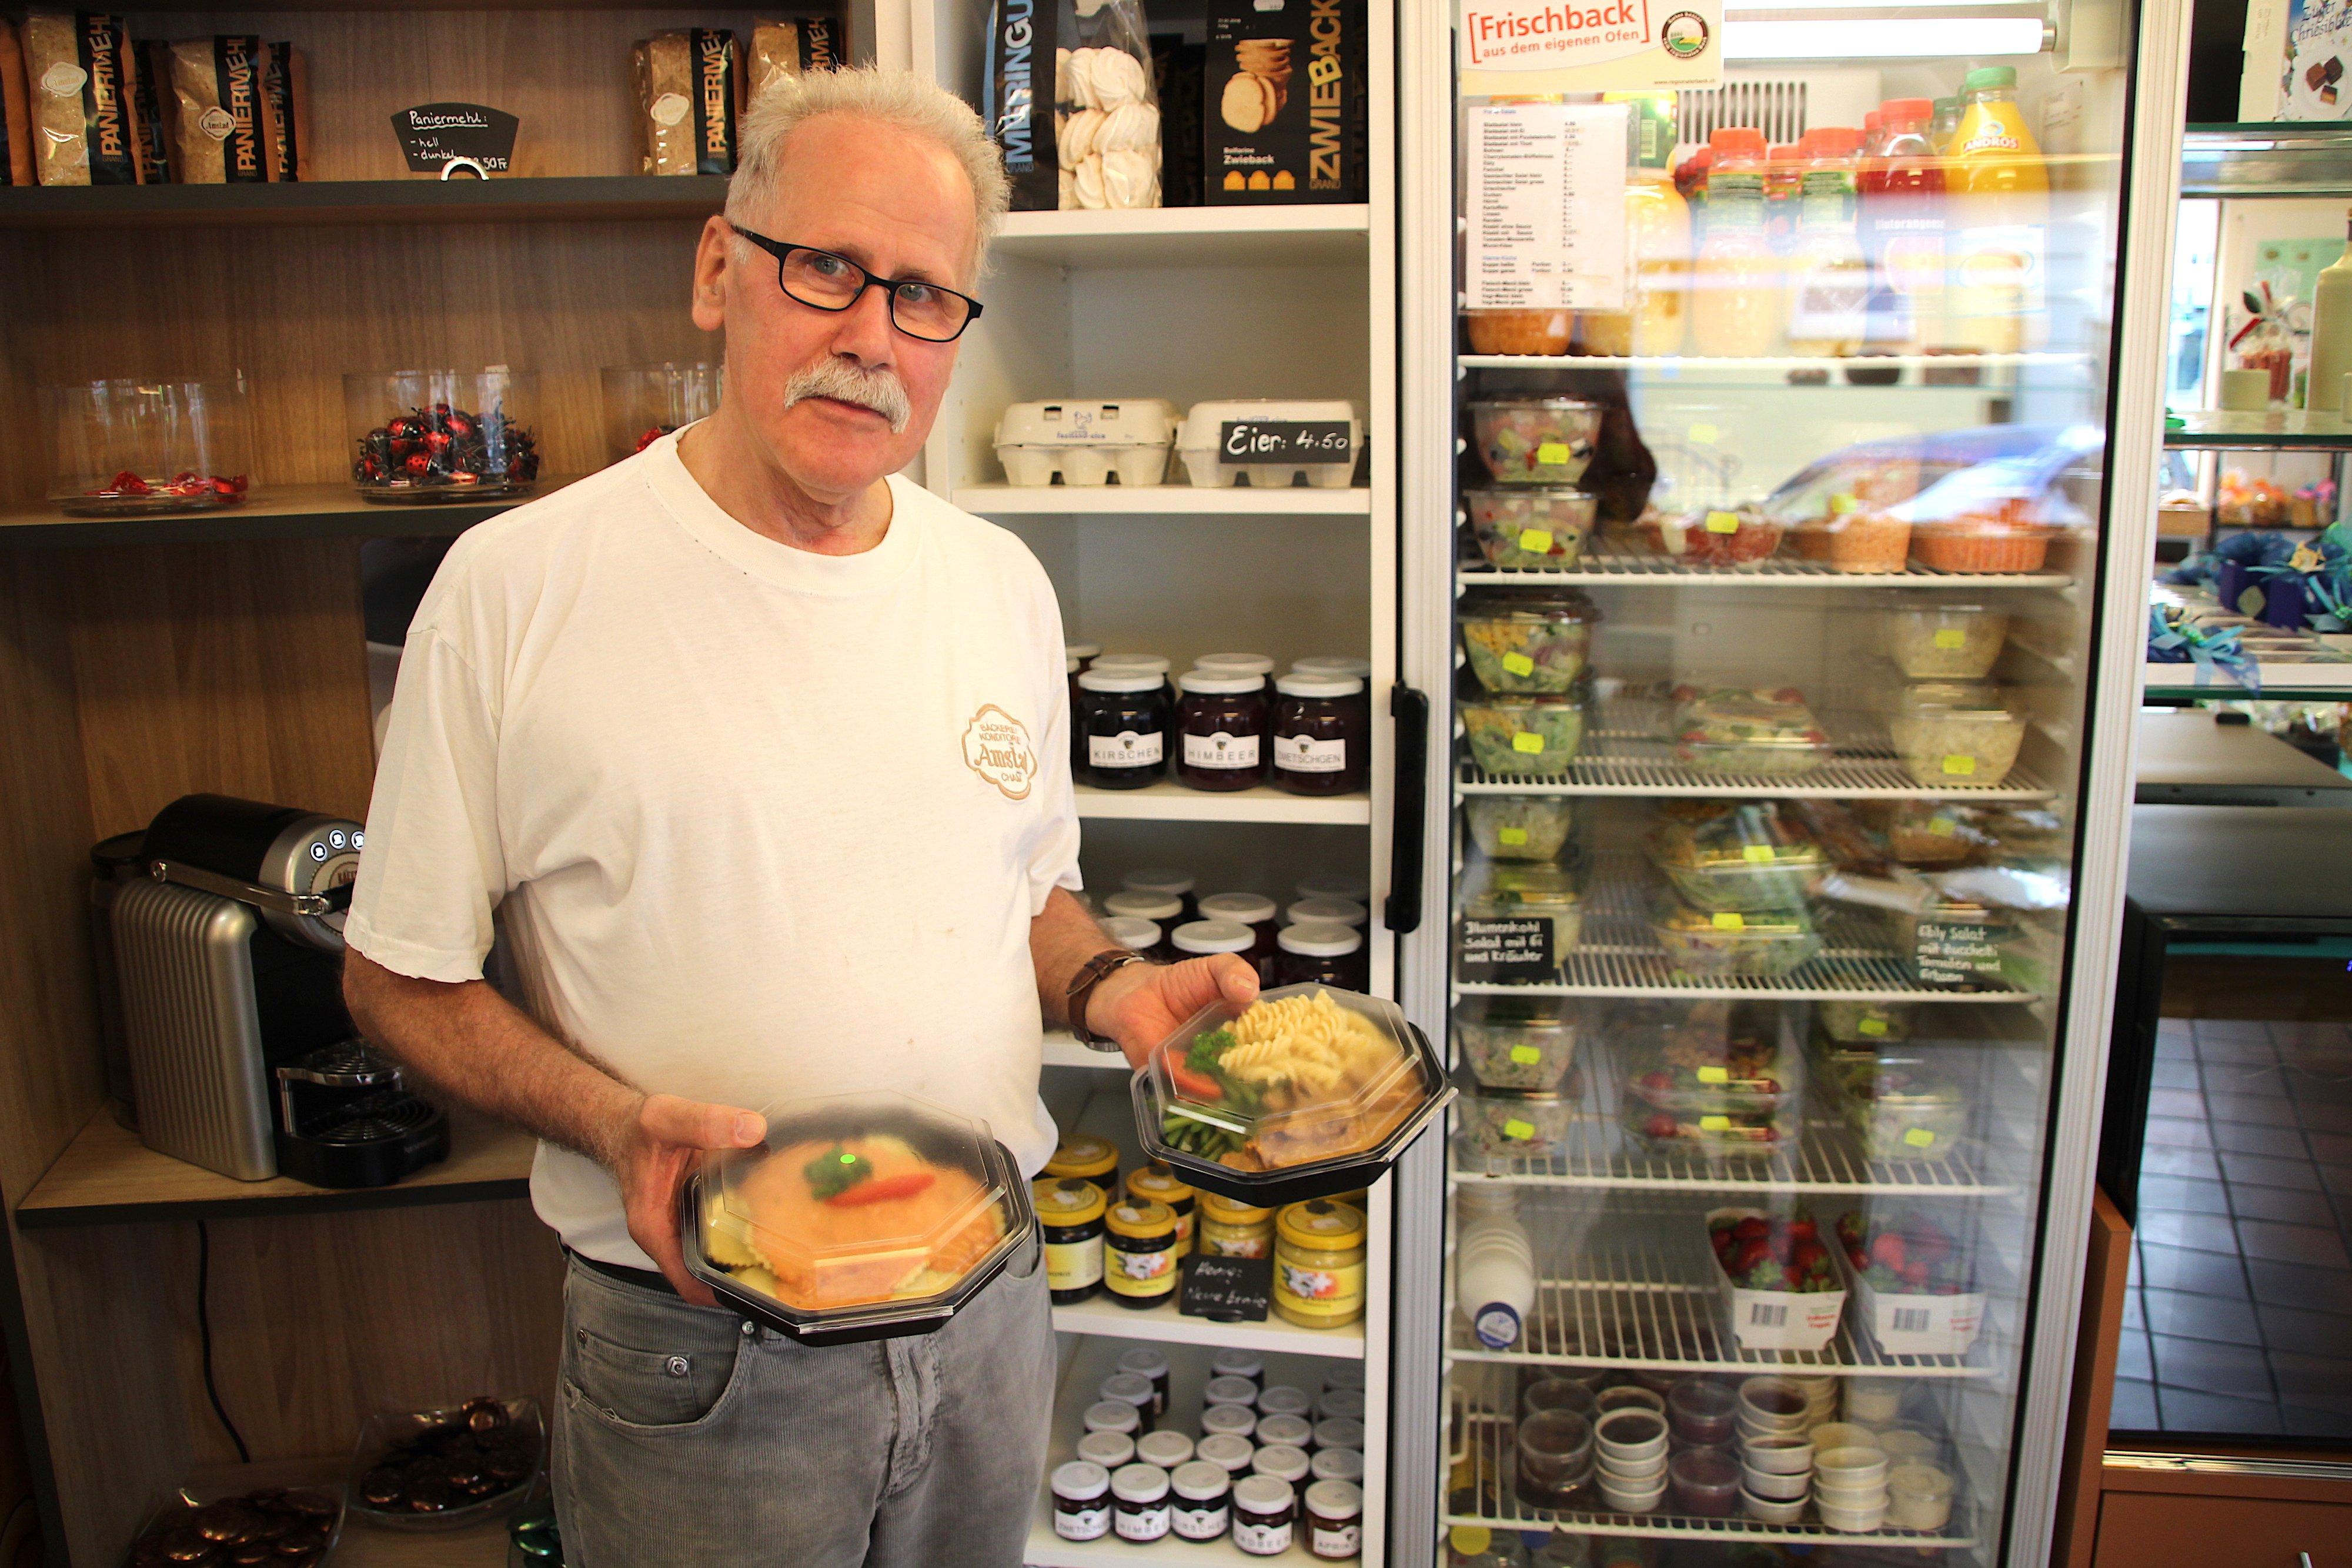 Menüs und Salate: Auf kleiner Verkaufsfläche bietet Bäcker Peter Amstad eine Menge an.